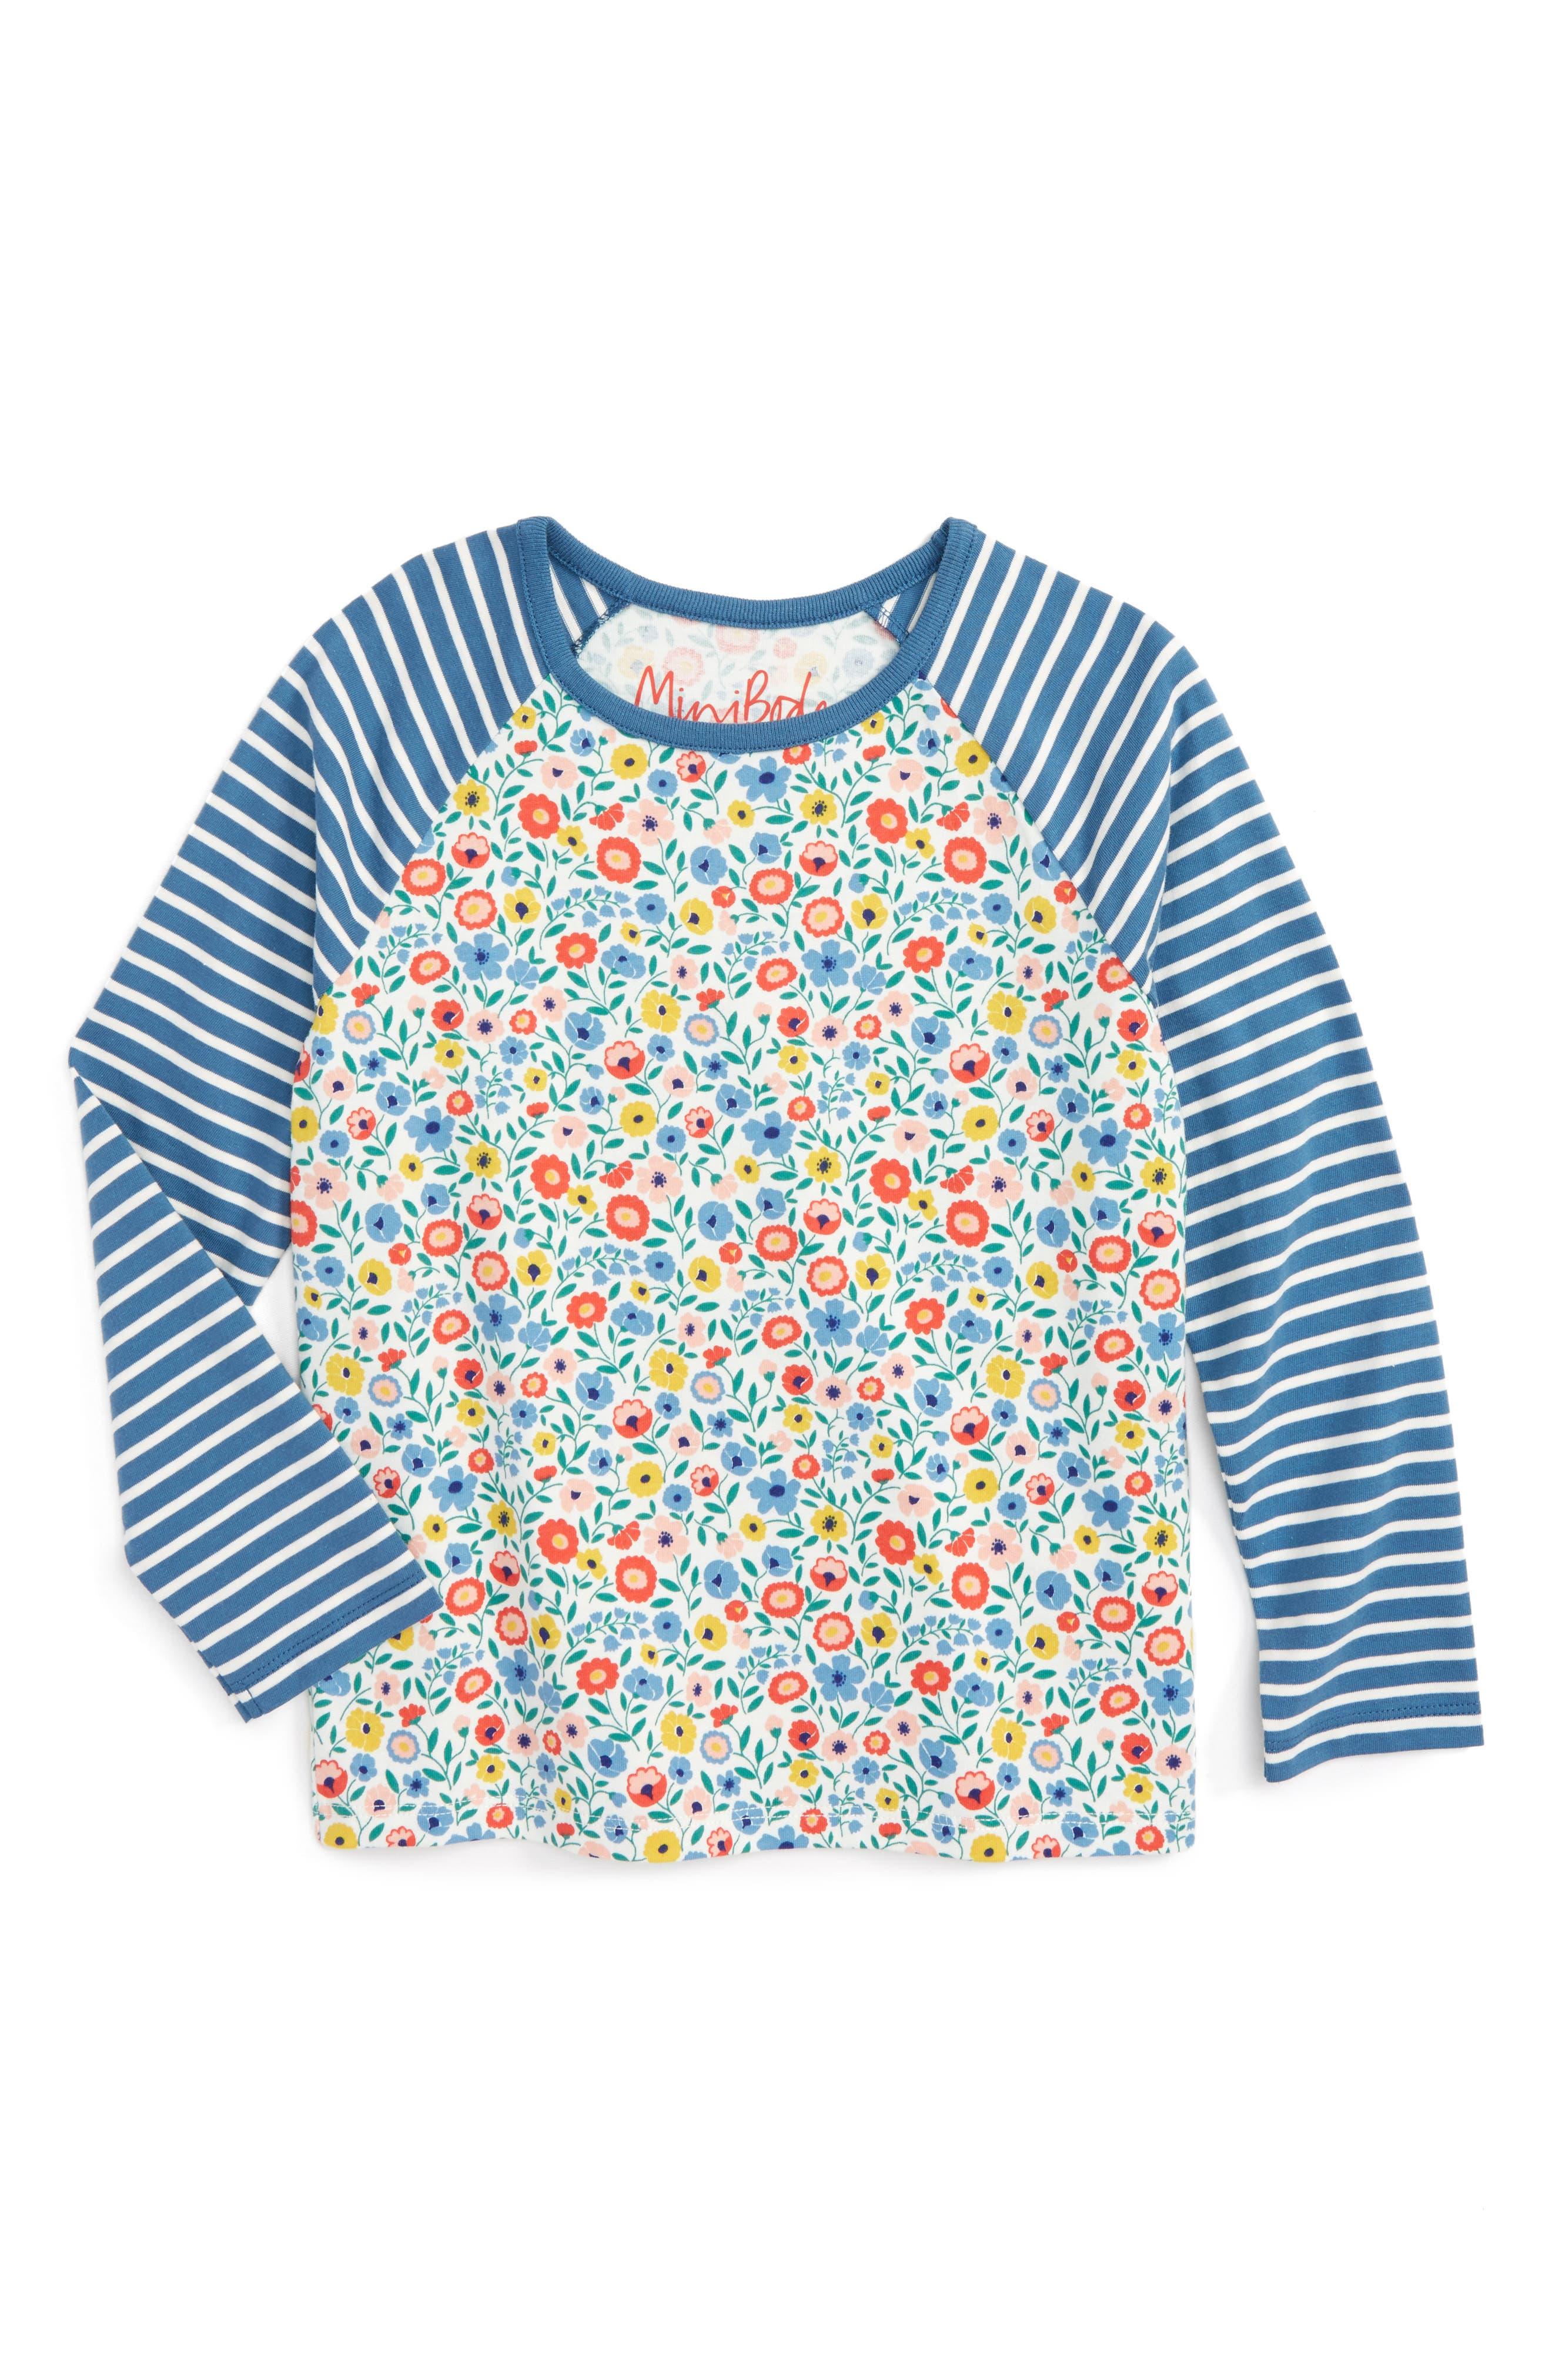 Mini Boden Hotchpotch Tee (Toddler Girls, Little Girls & Big Girls)